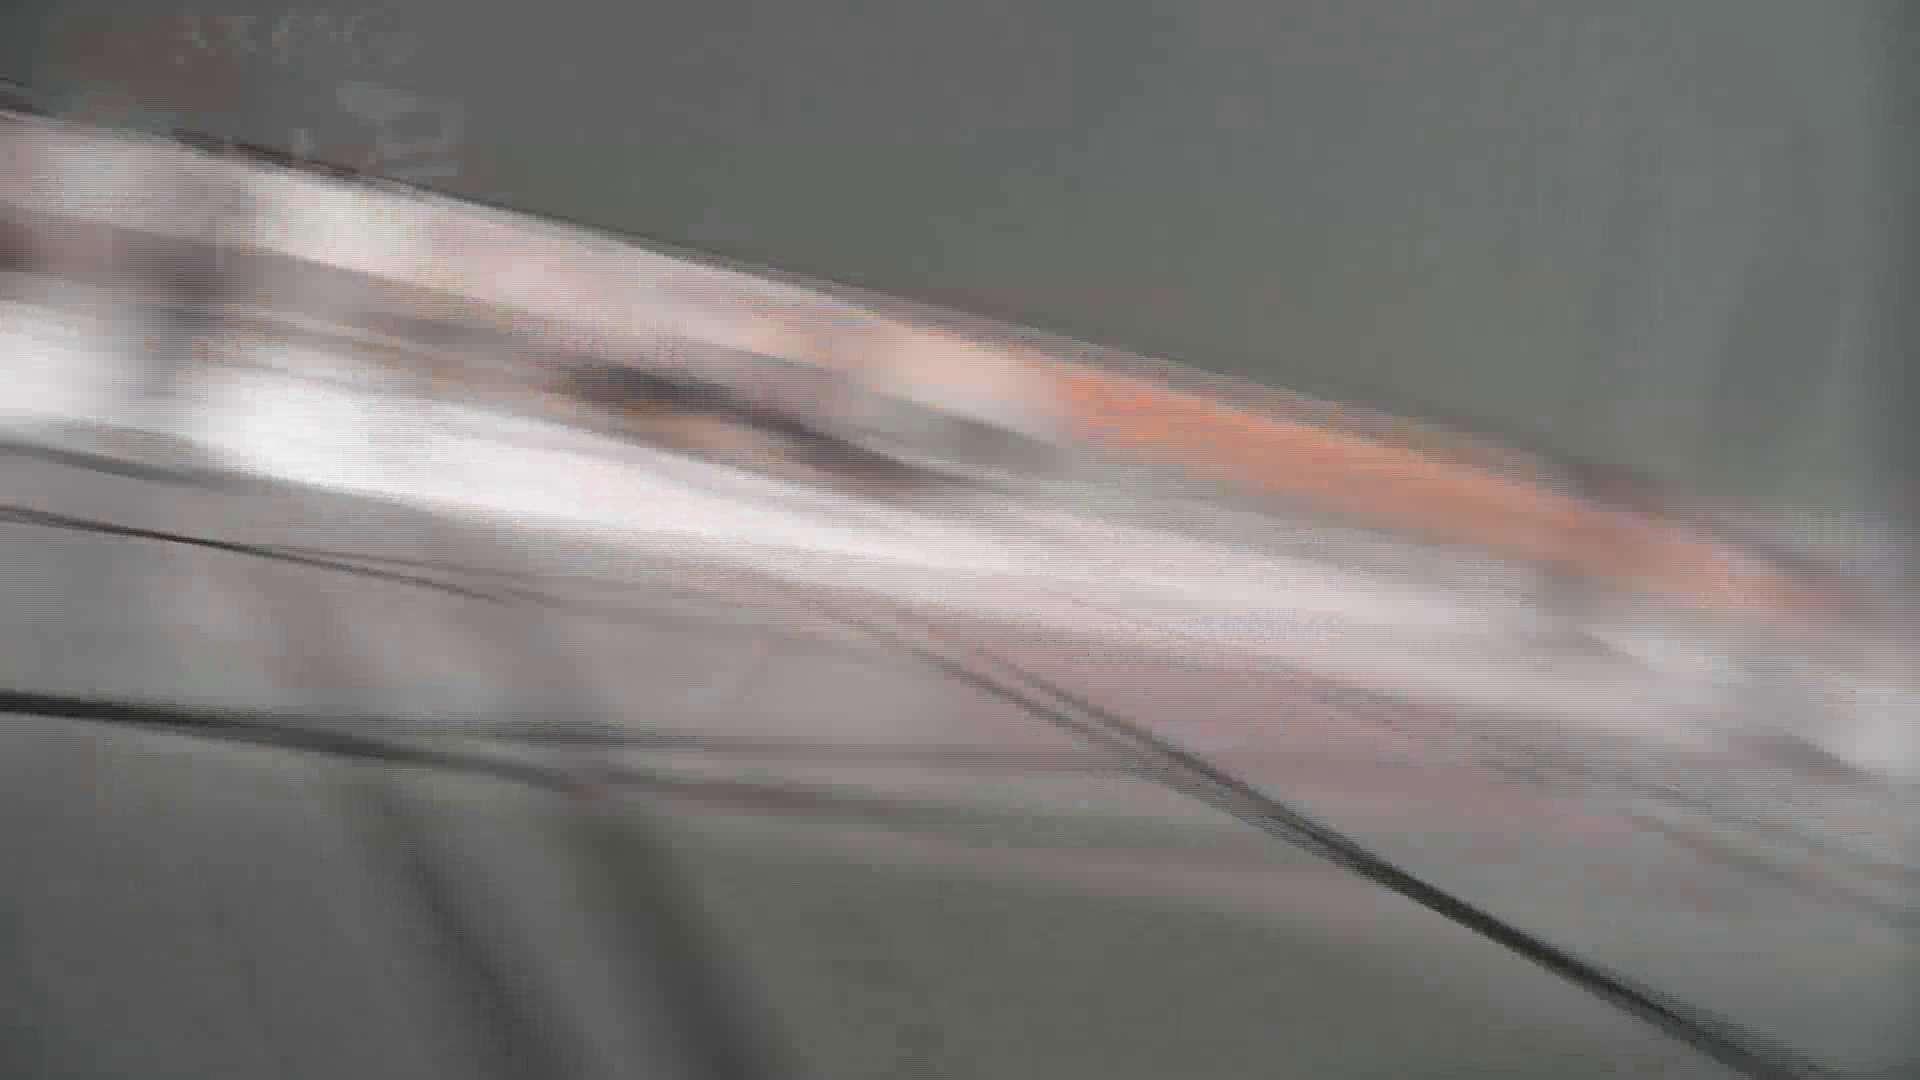 美しい日本の未来 No.22 未来進歩3 感動レベル予告のモデルつい登場か!! そそるぜモデル 盗撮画像 60連発 8